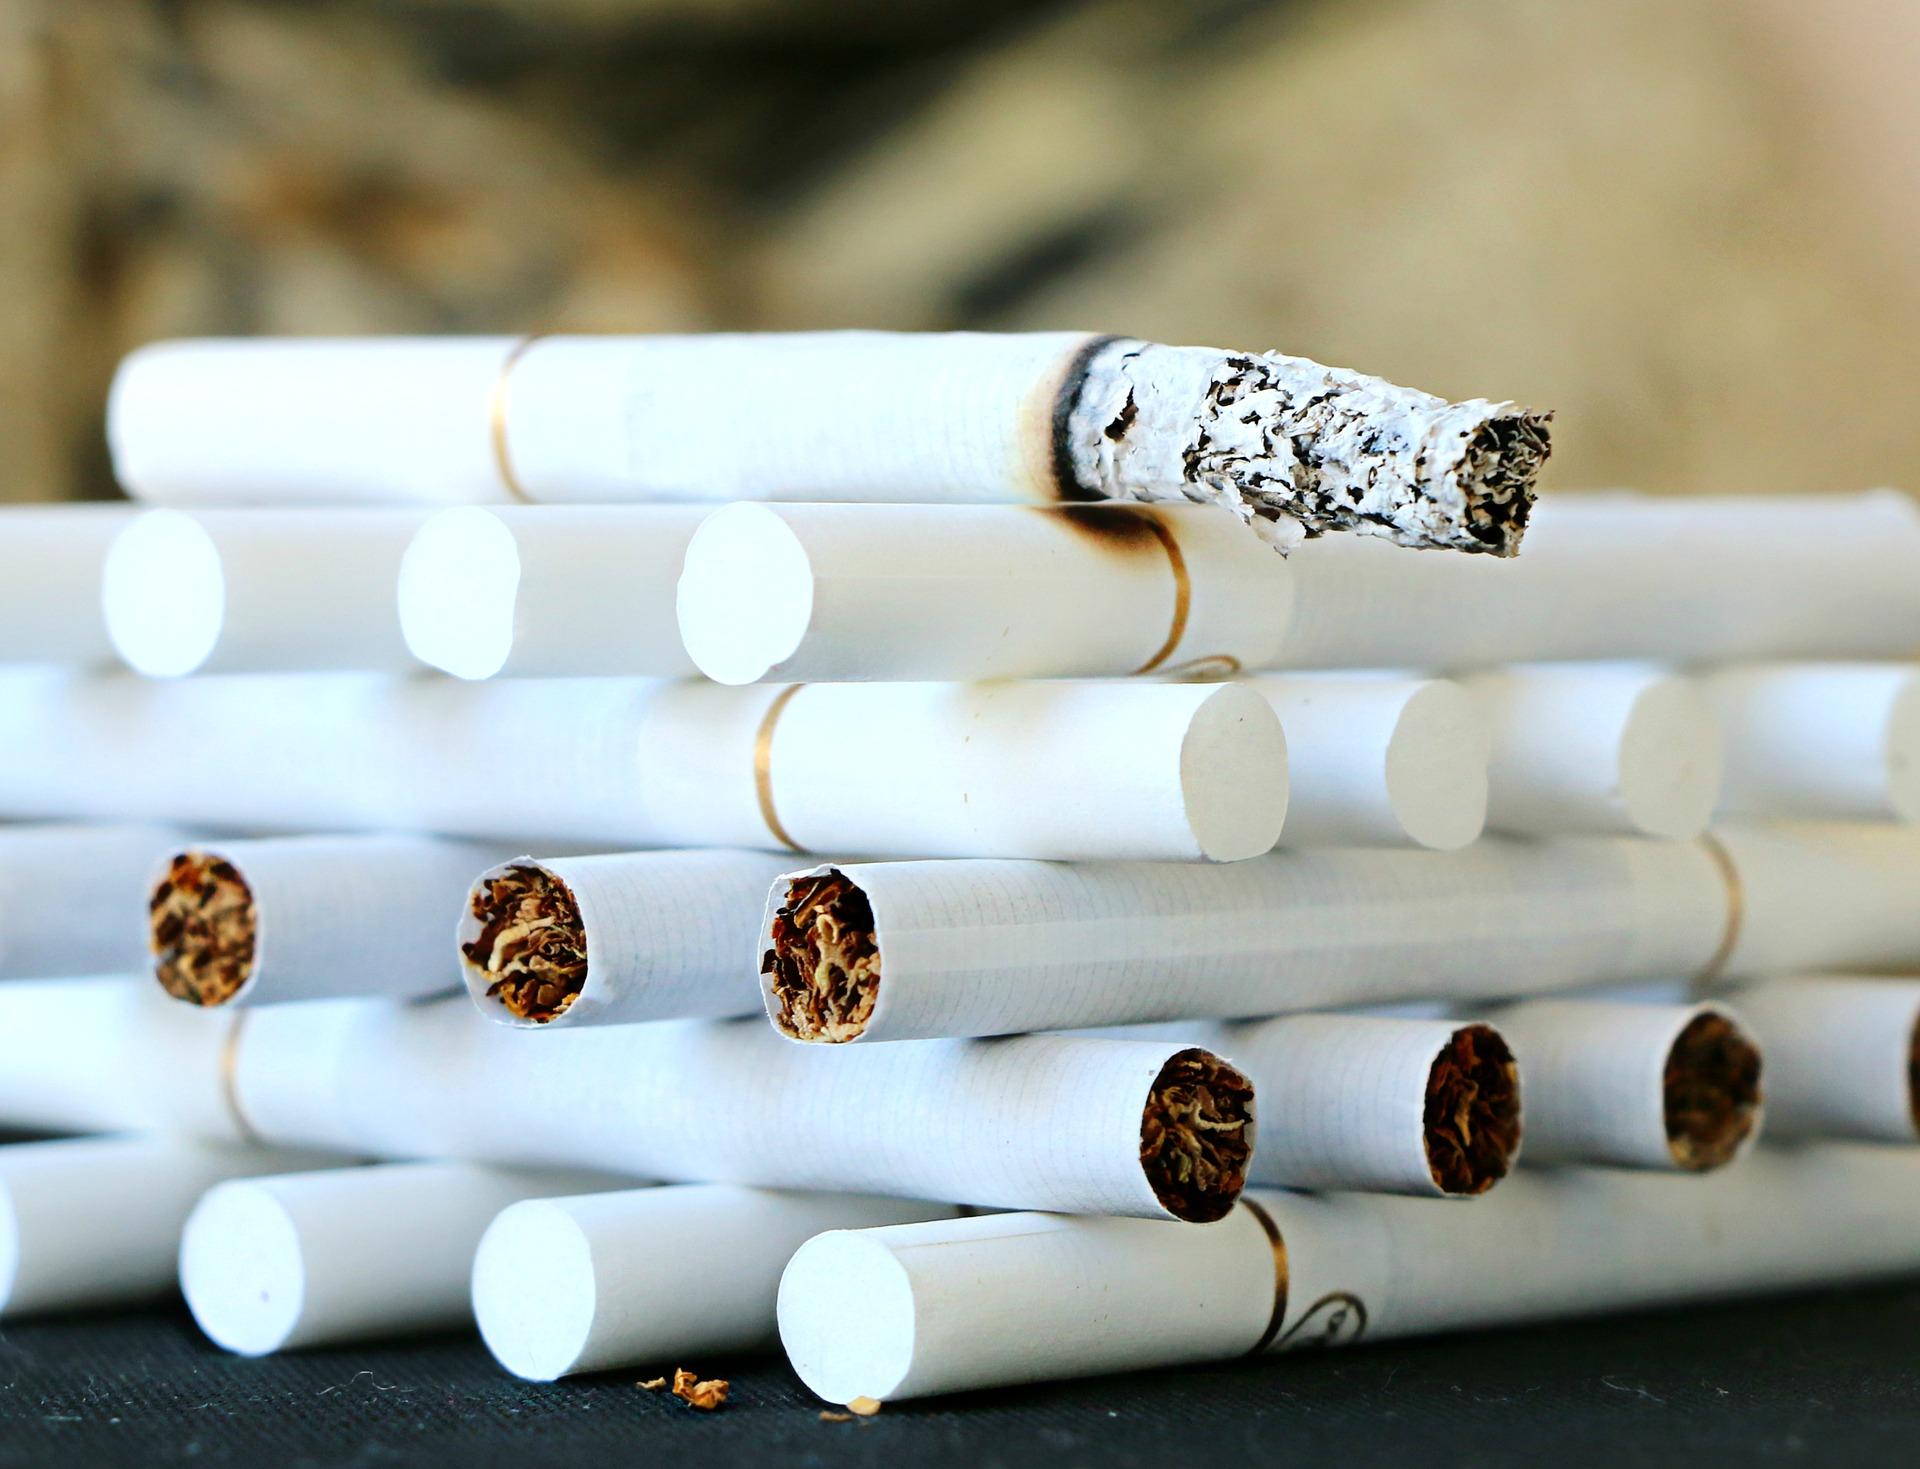 紙巻きタバコの維持費